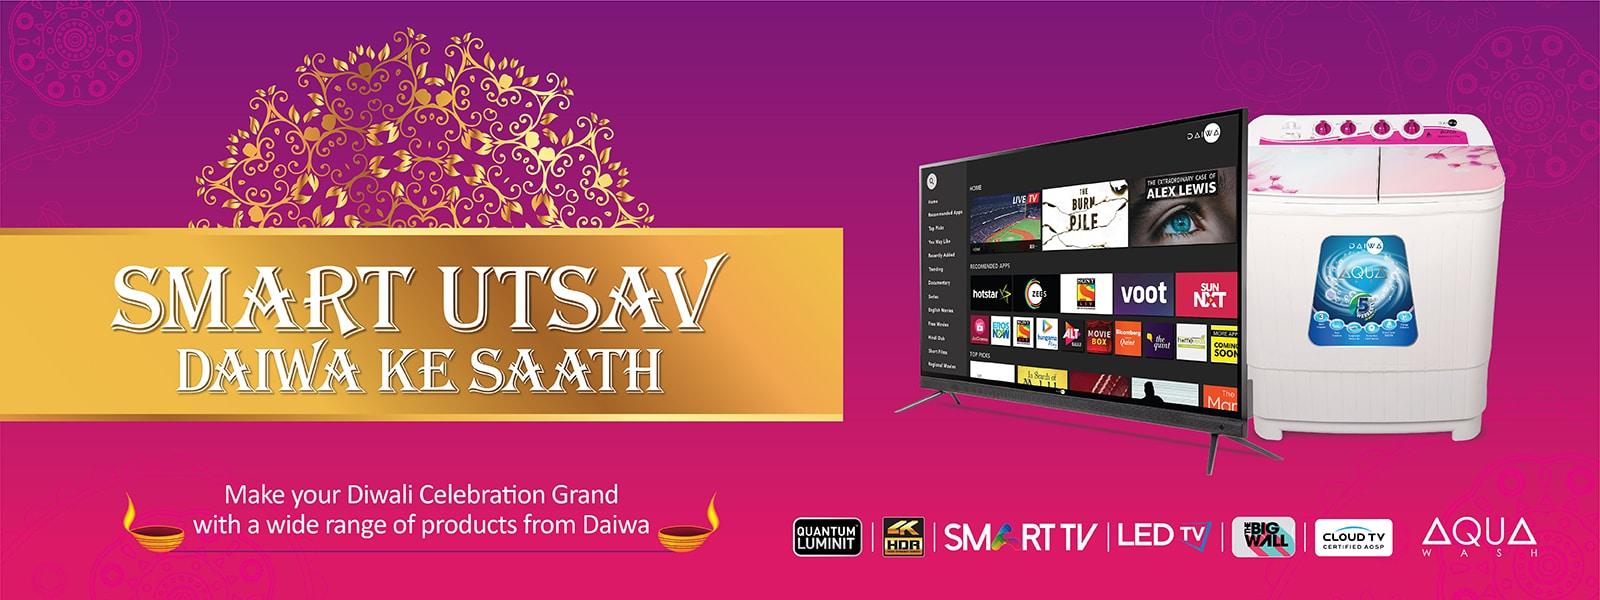 Diwali Smart Utsav